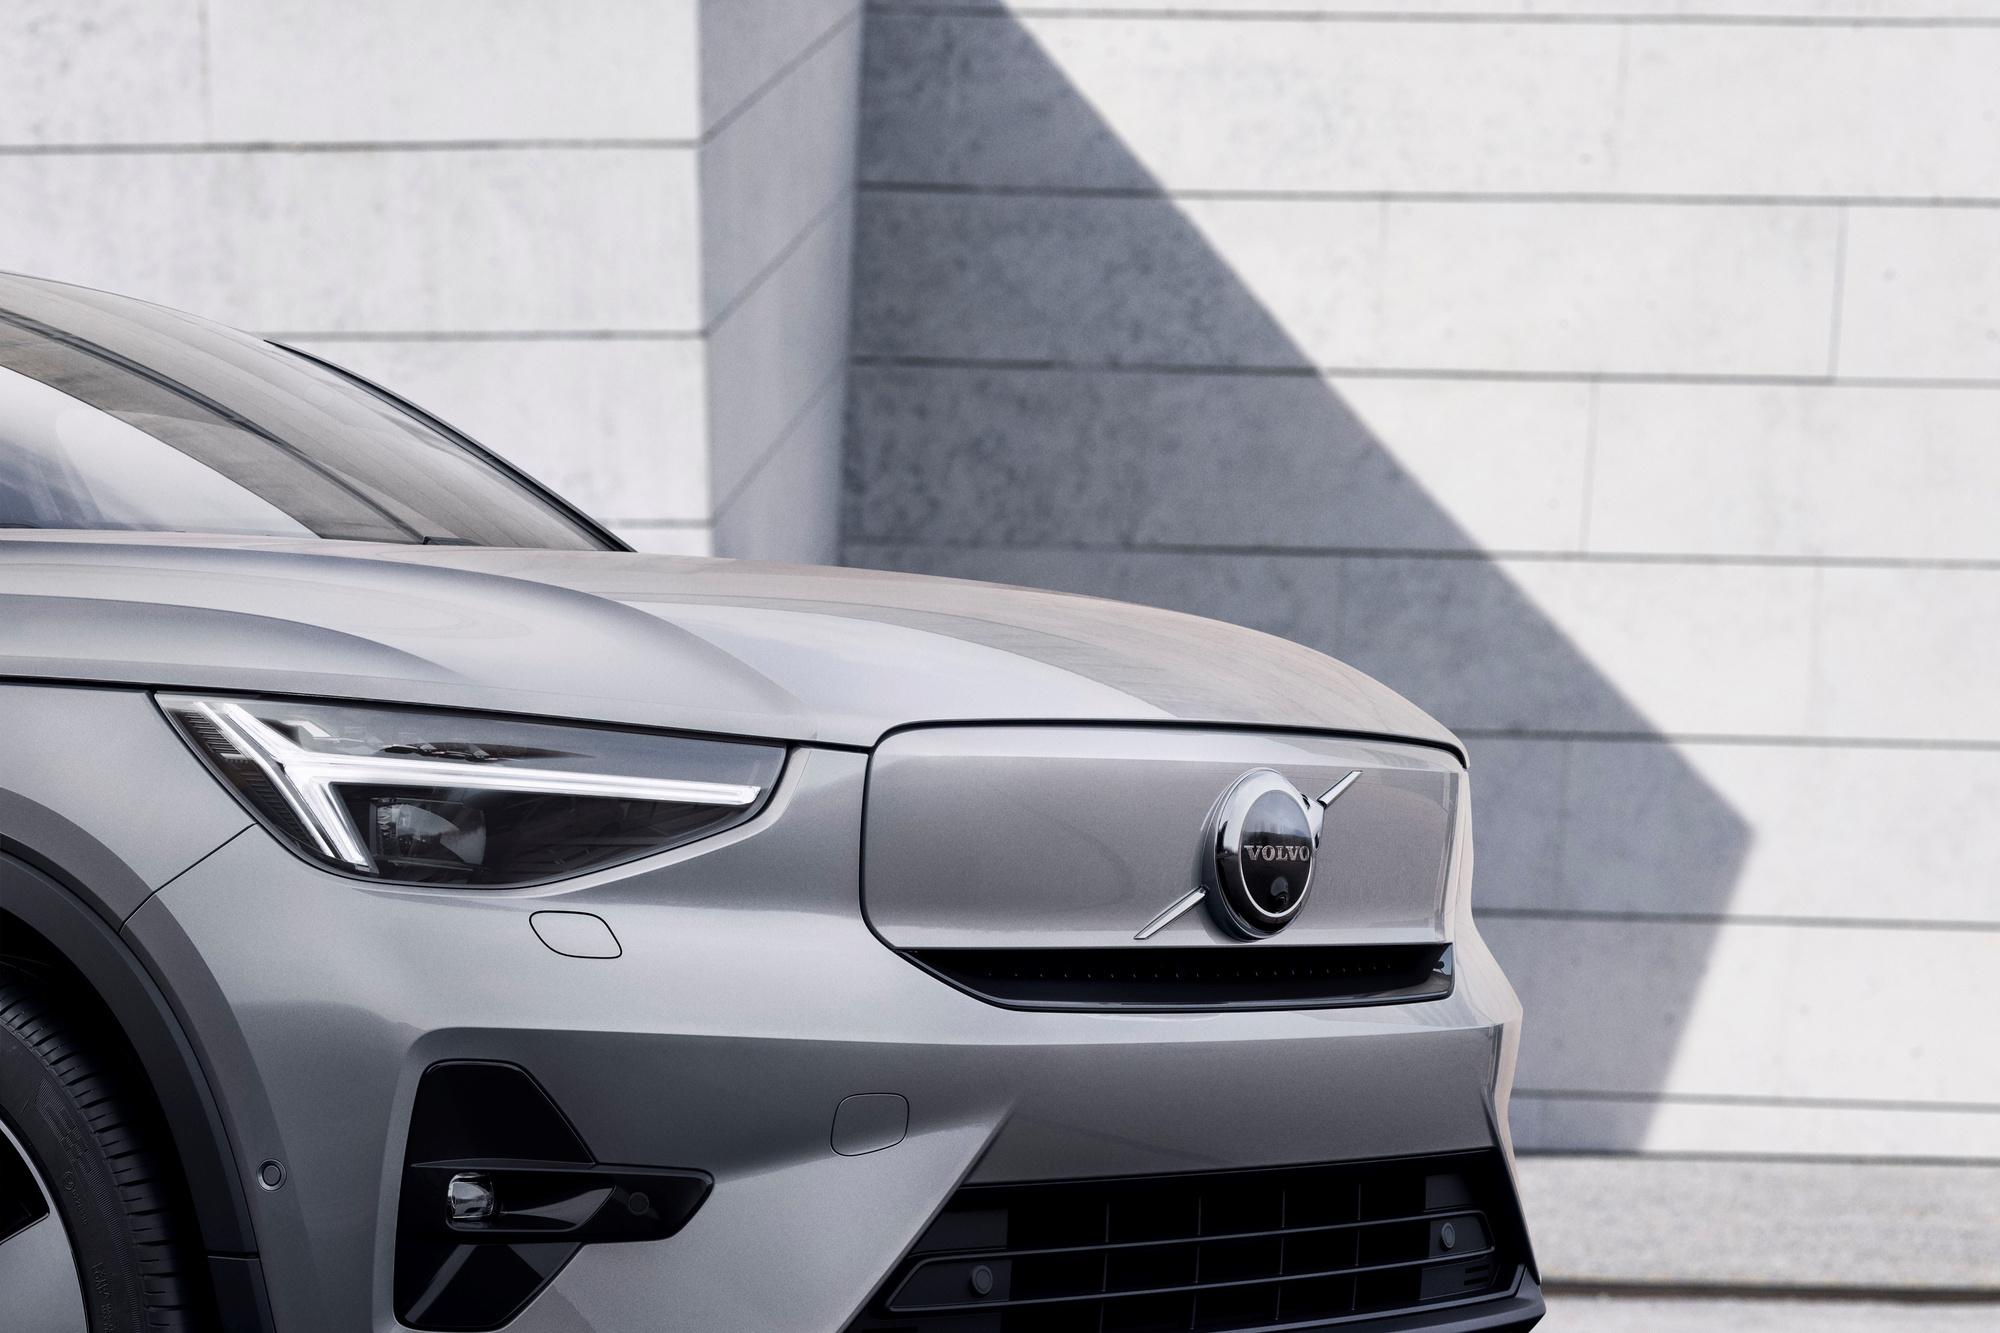 Le C40 inaugure des détails, sur sa face avant, que l'on retrouvera sur les prochaines nouvelles Volvo électriques., GF